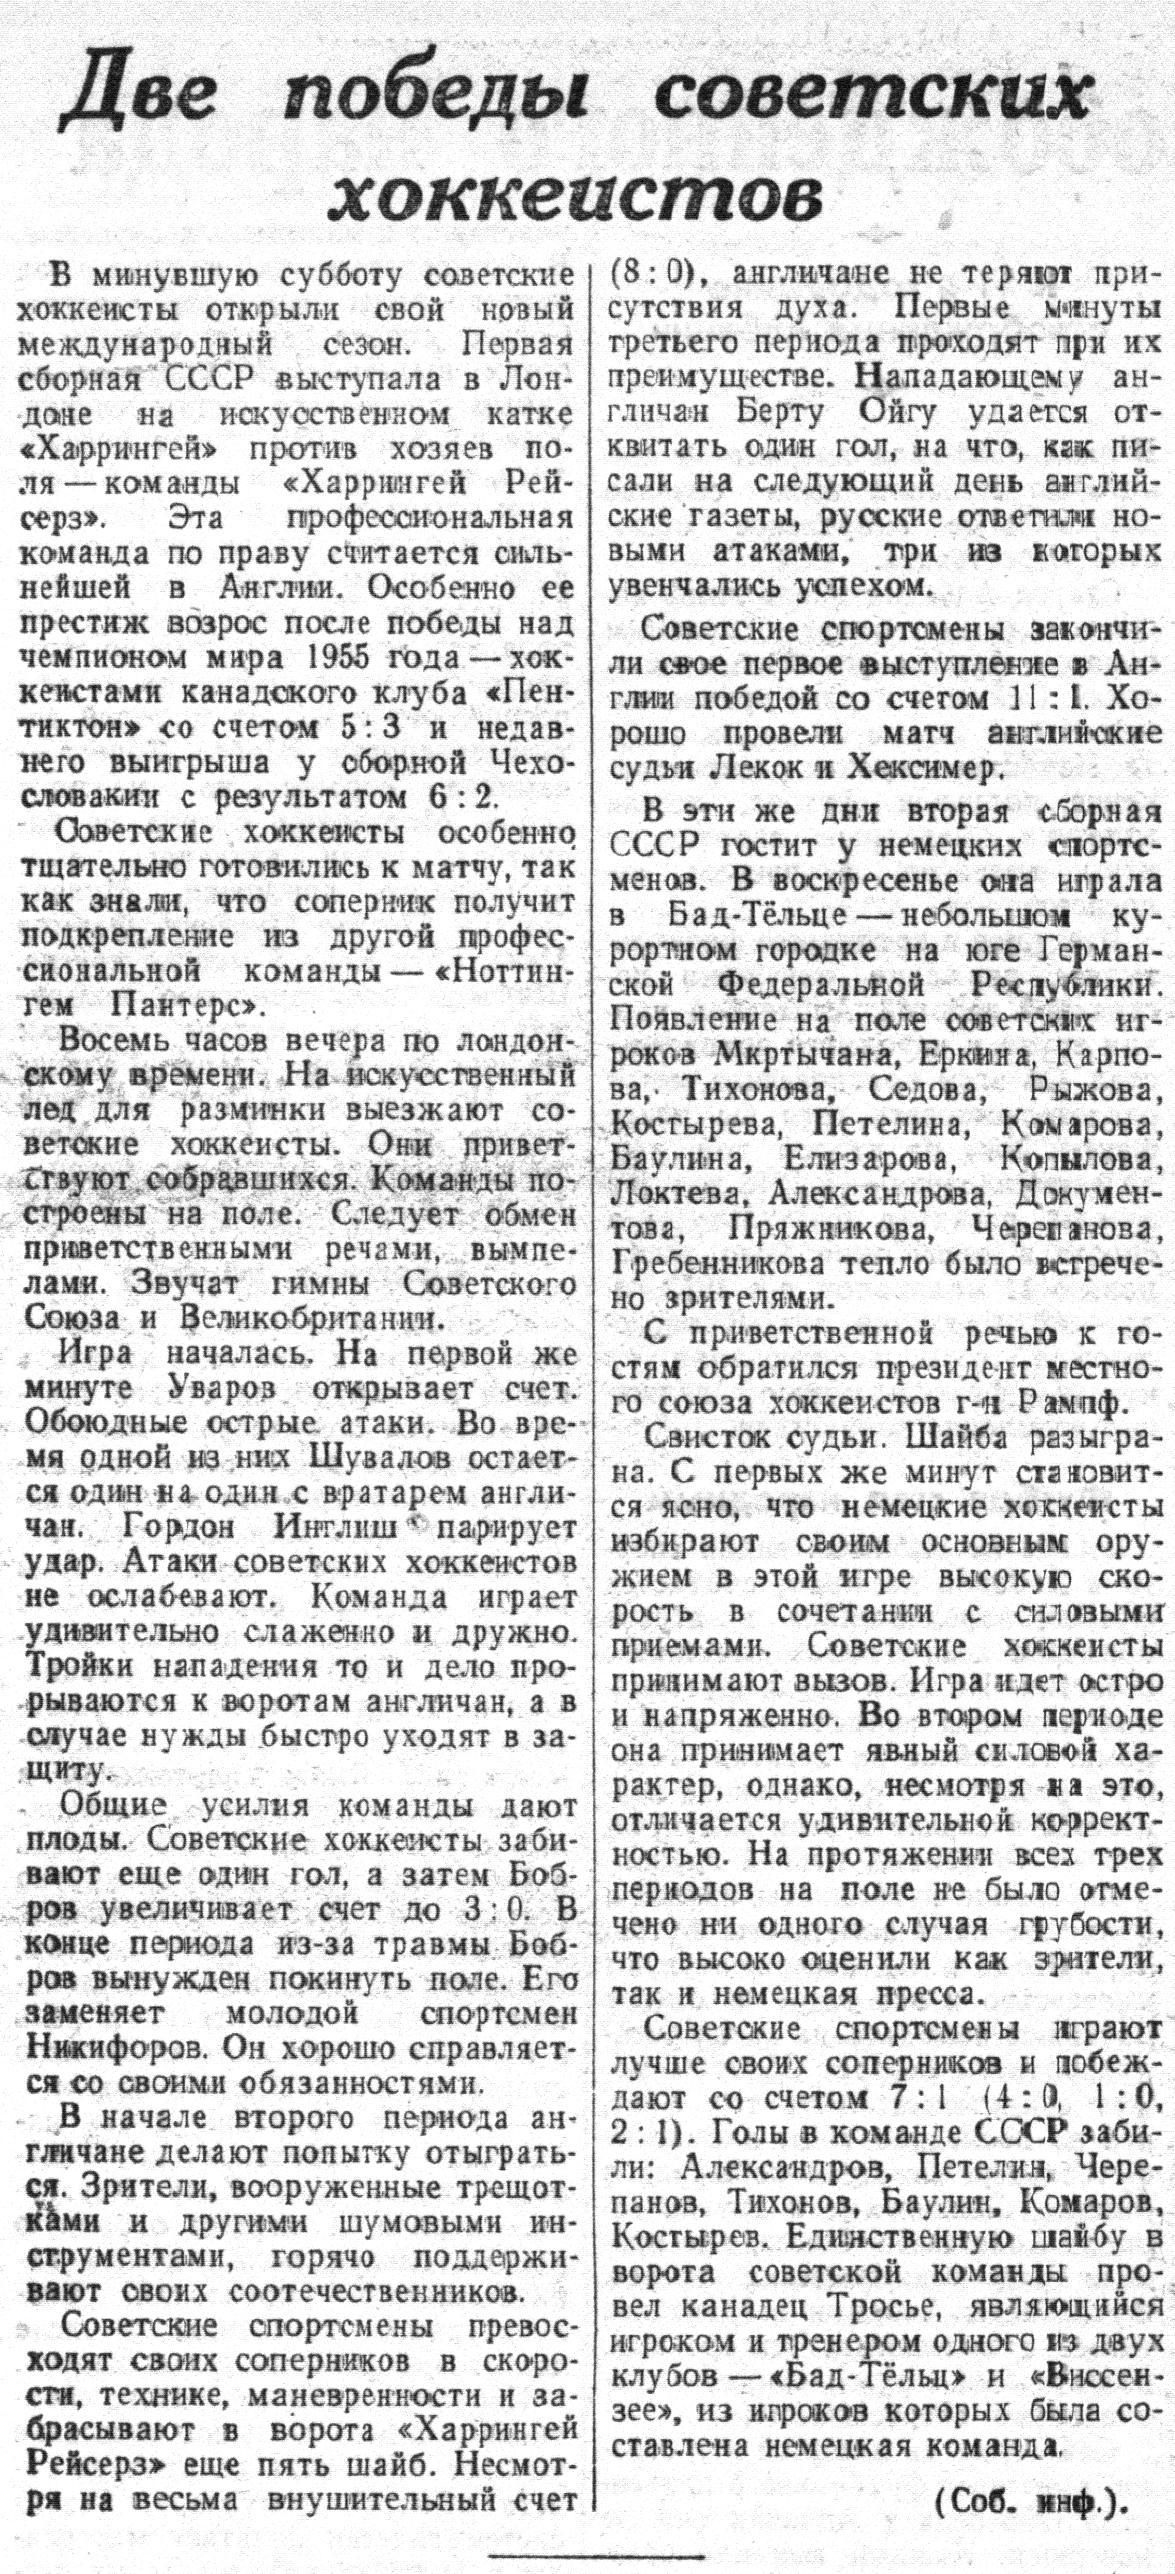 02 Sov_sport_1955_11_29_N144_s8.JPG